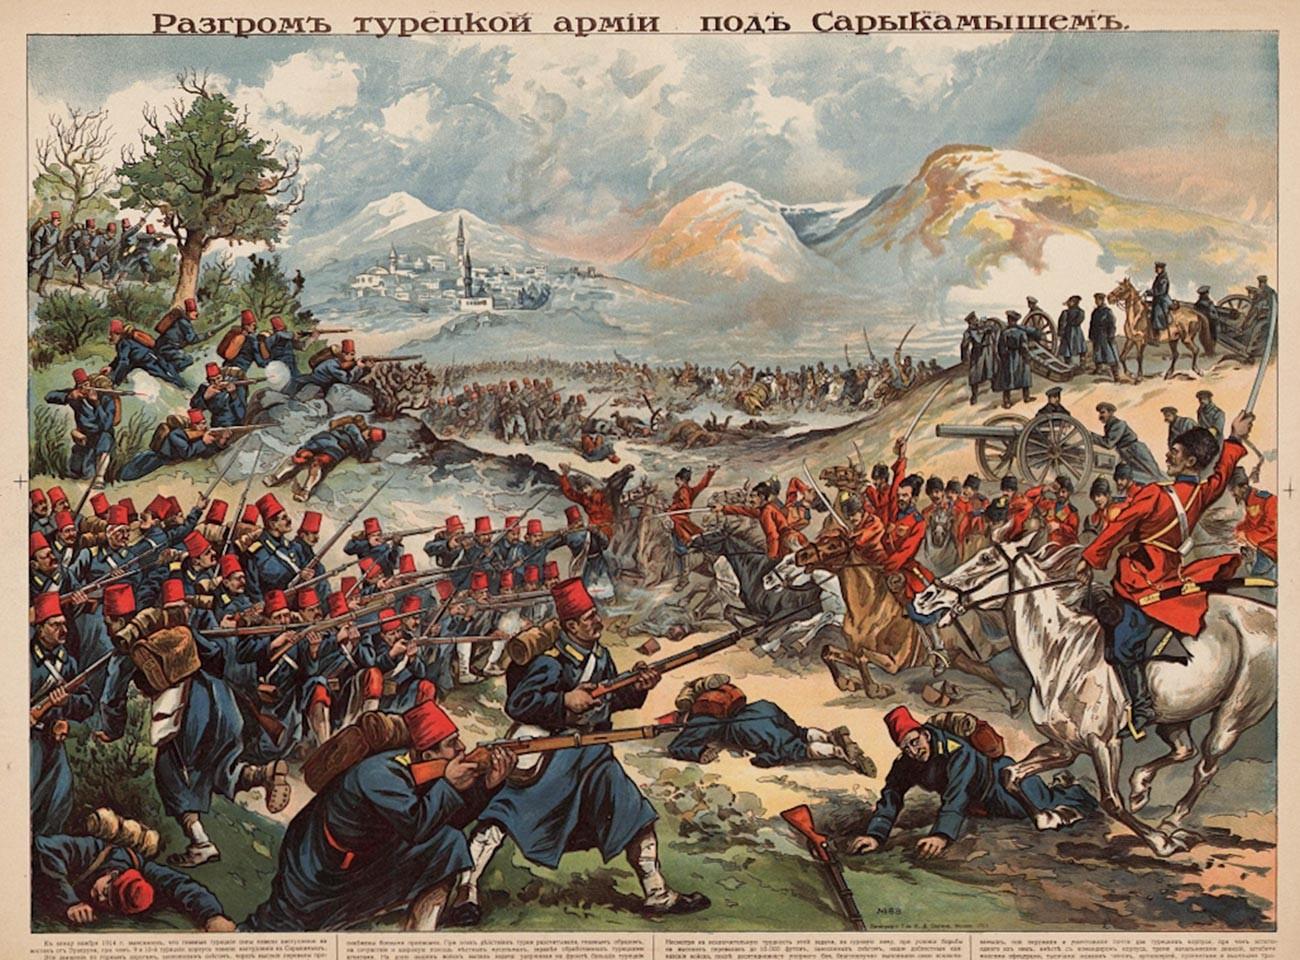 Ruski plakat s prikazanom pobjedom ruske vojske u bitci kod Sarikamiša.